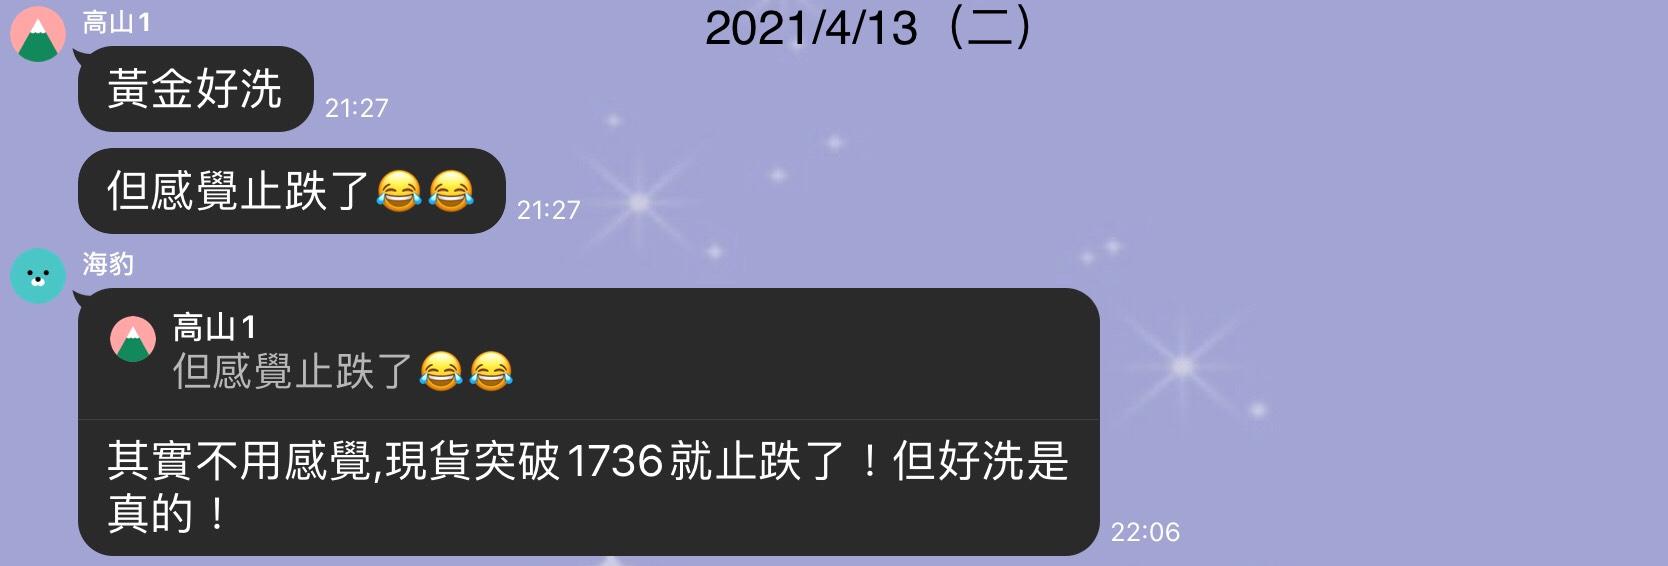 2021/04/19 豪爺週報_02